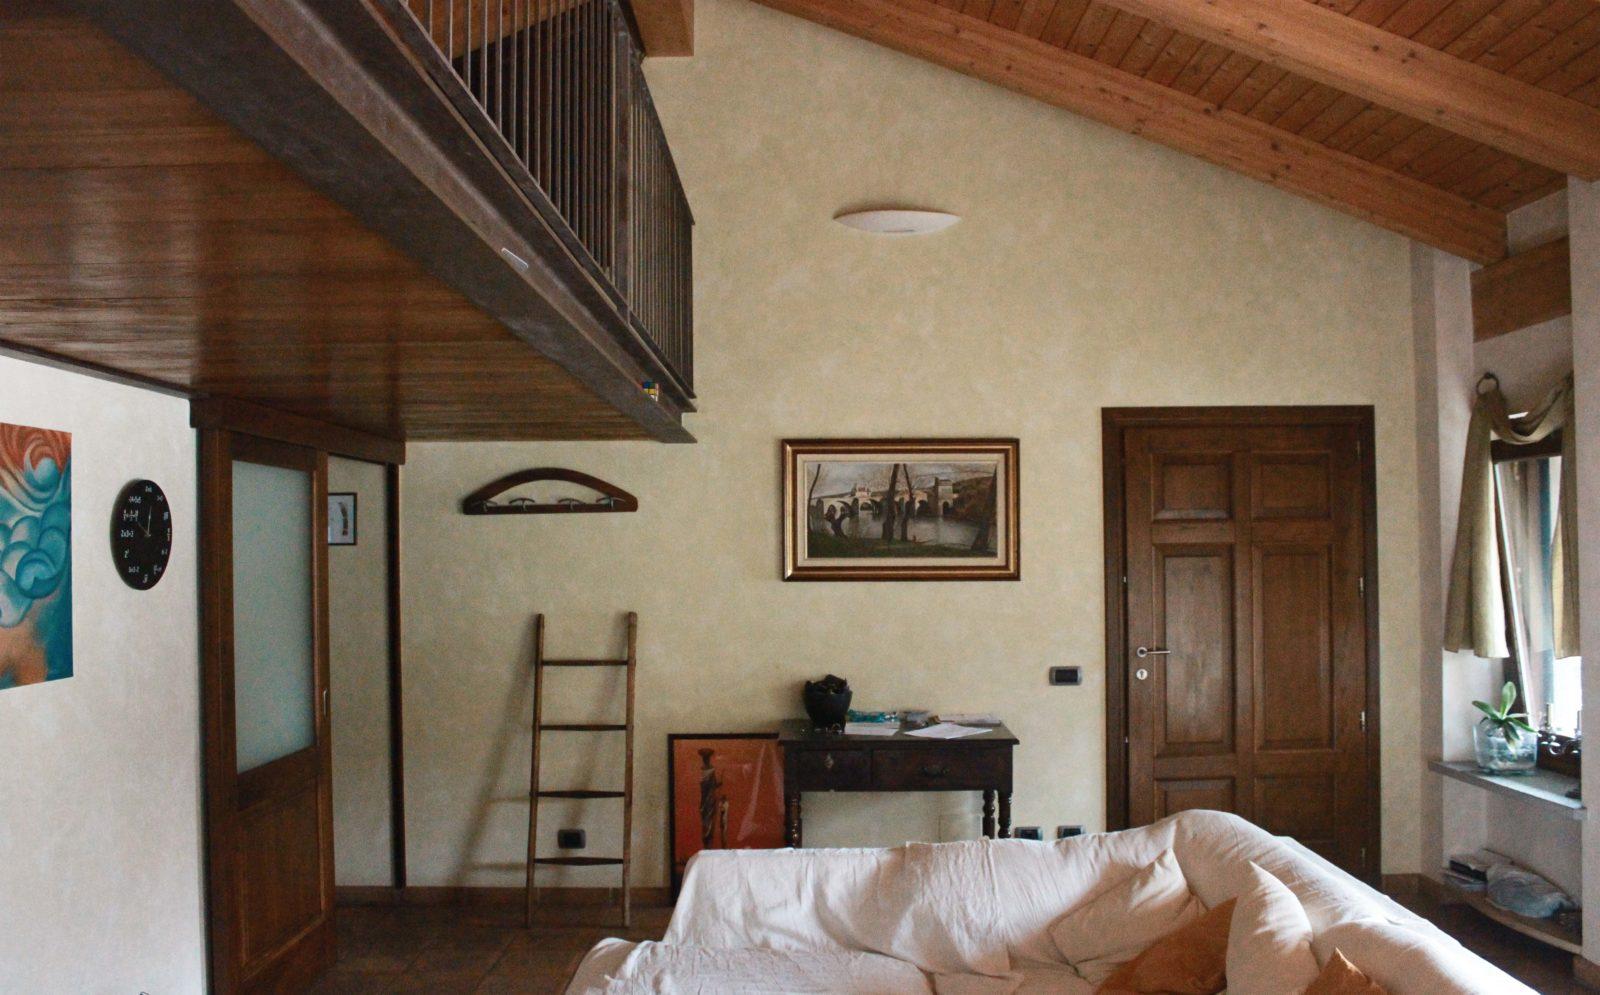 Alberto-Nisci-interior-designer-torino-Appartamento-7-e1474728915394